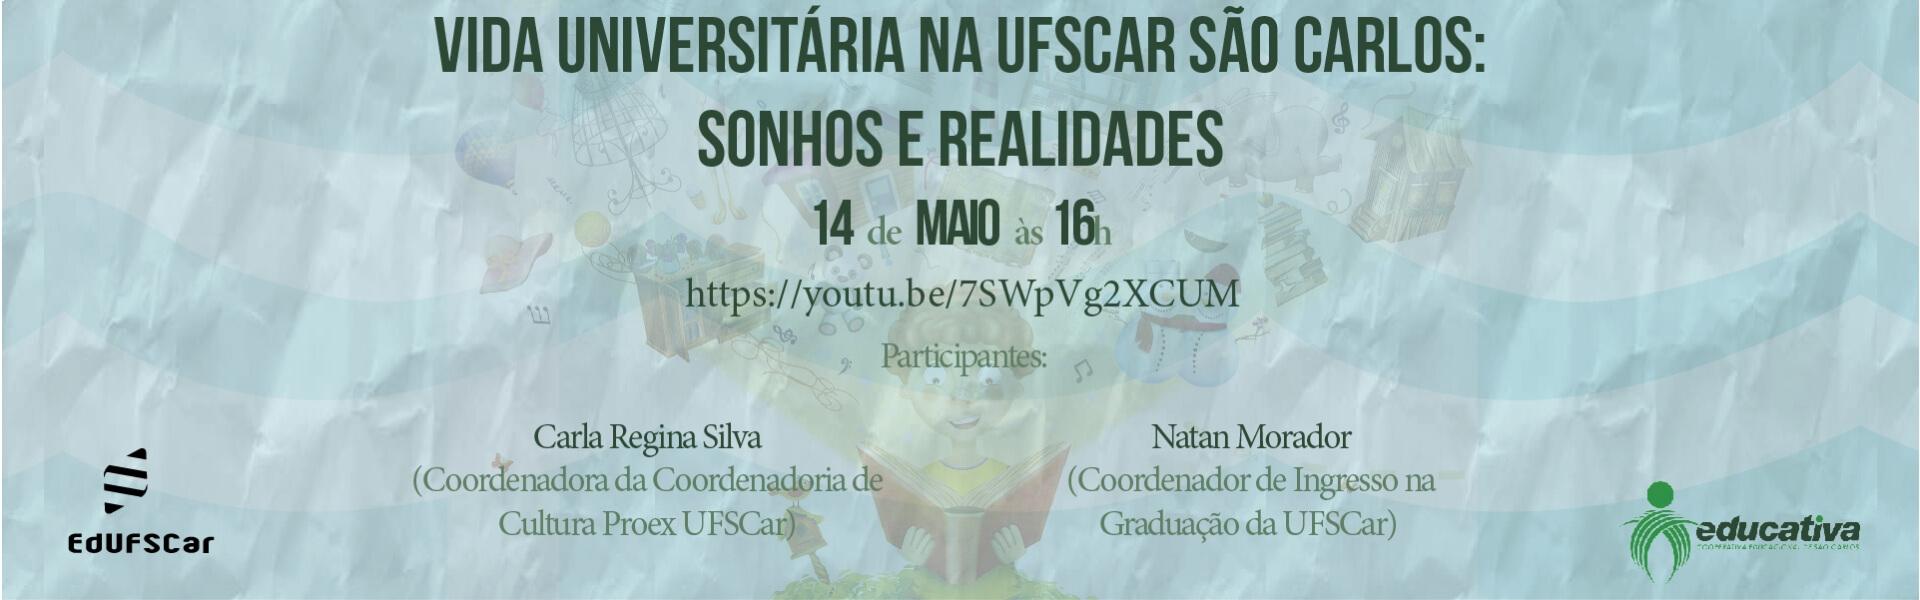 VIDA UNIVERSITÁRIA NA UFSCAR SÃO CARLOS: SONHOS E REALDIADES